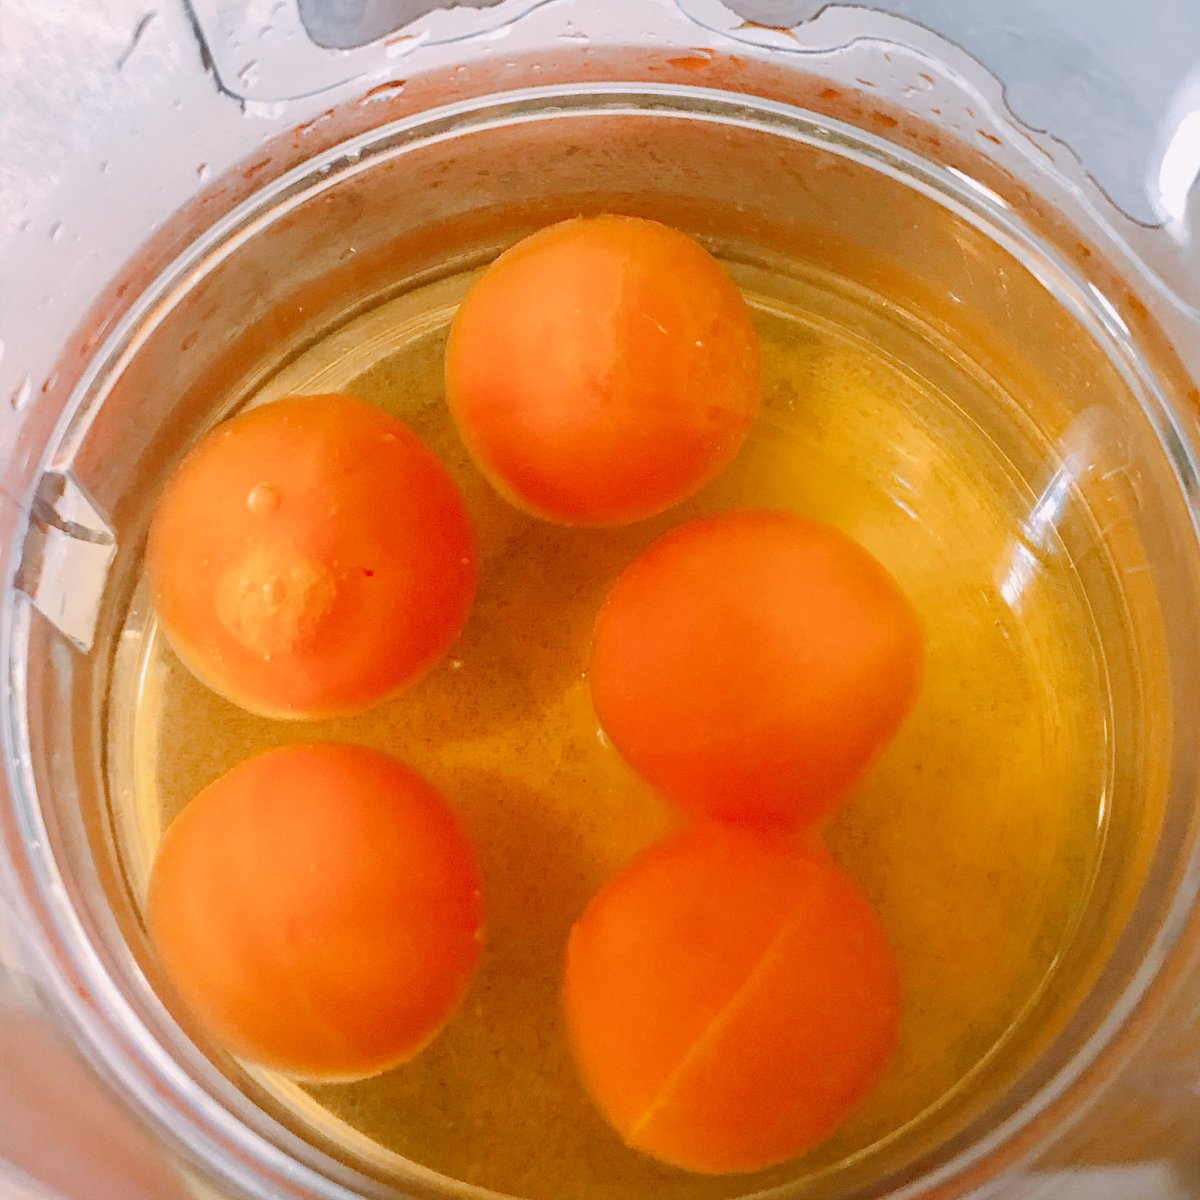 アイスの実をレモンティーに入れた結果?見た目が生卵ドリンクになる!